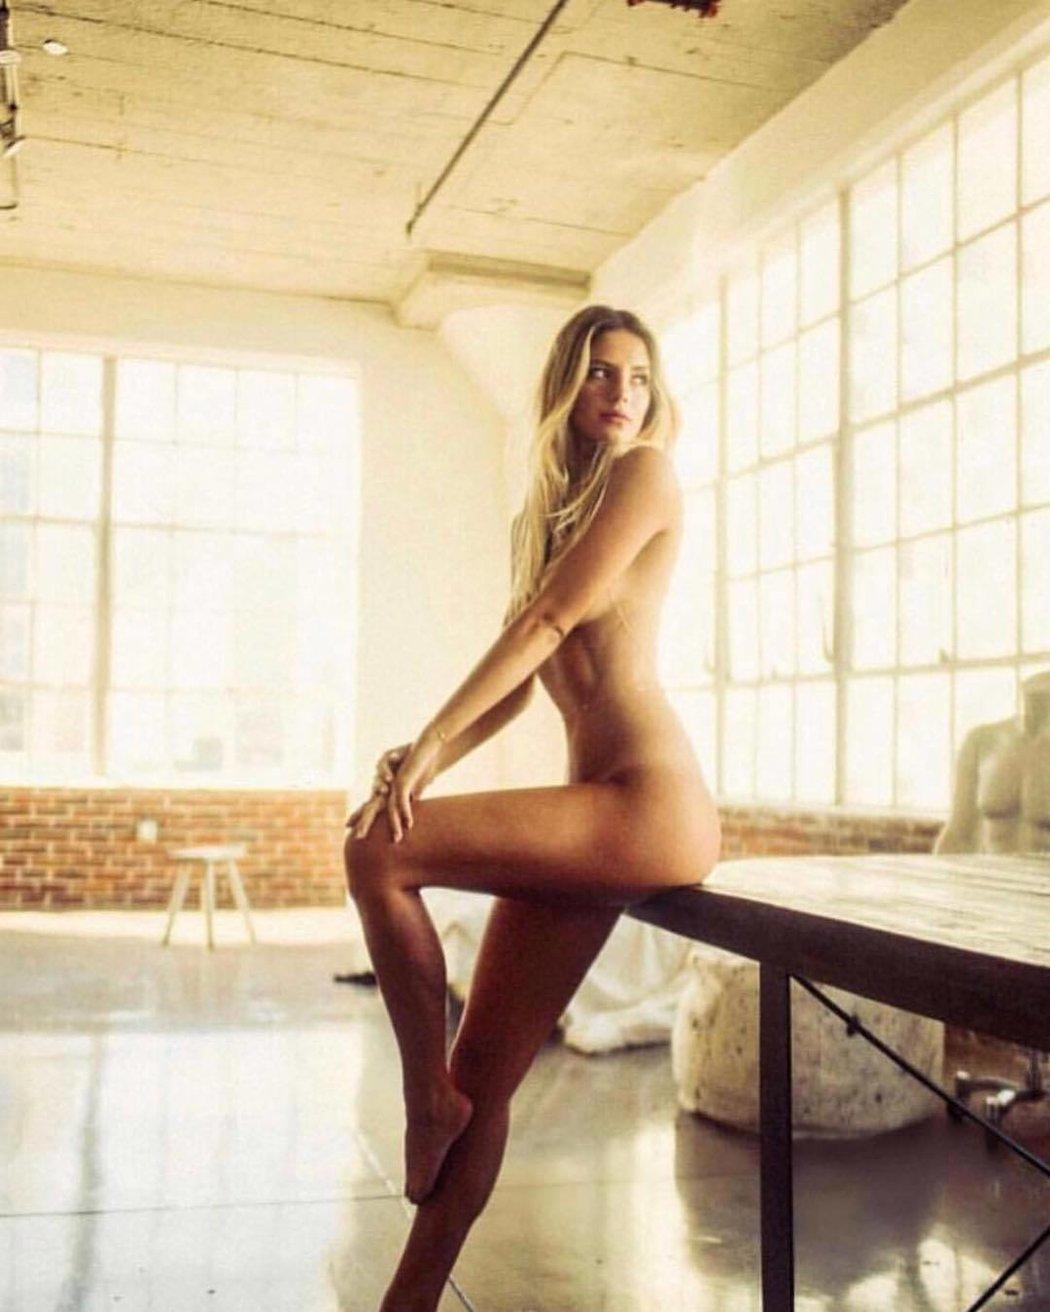 Sarah Kohenová miluje být nahá